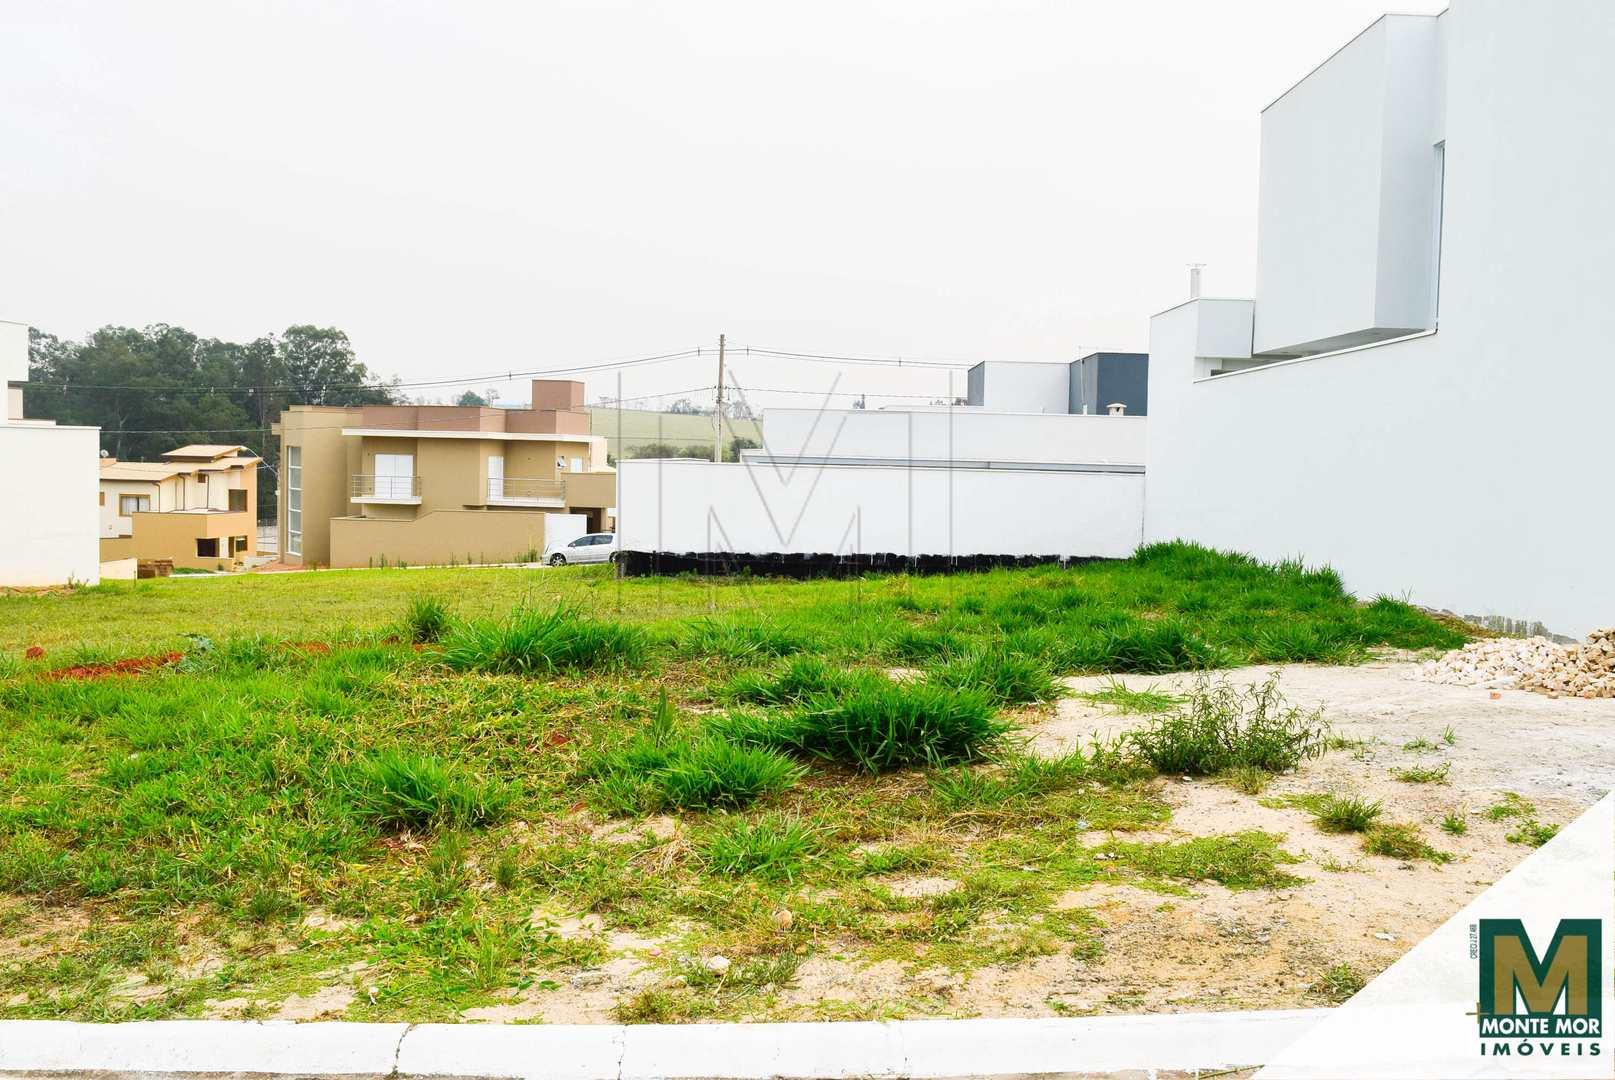 Terreno de Condomínio - Residencial Gaivotas - Monte Mor  - SP